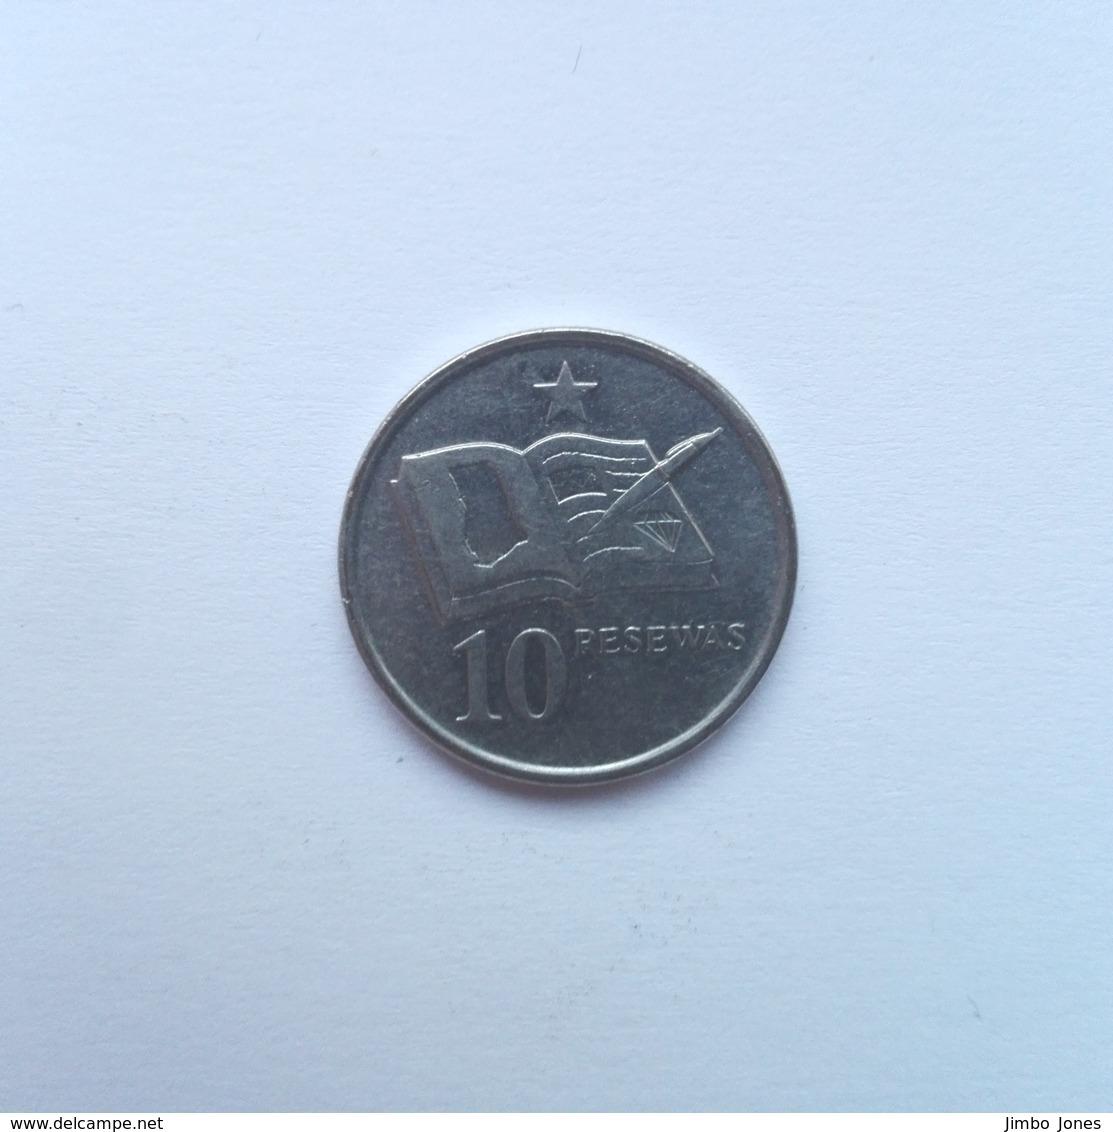 10 Pesewas Münze Aus Ghana Von 2007 (sehr Schön) - Ghana